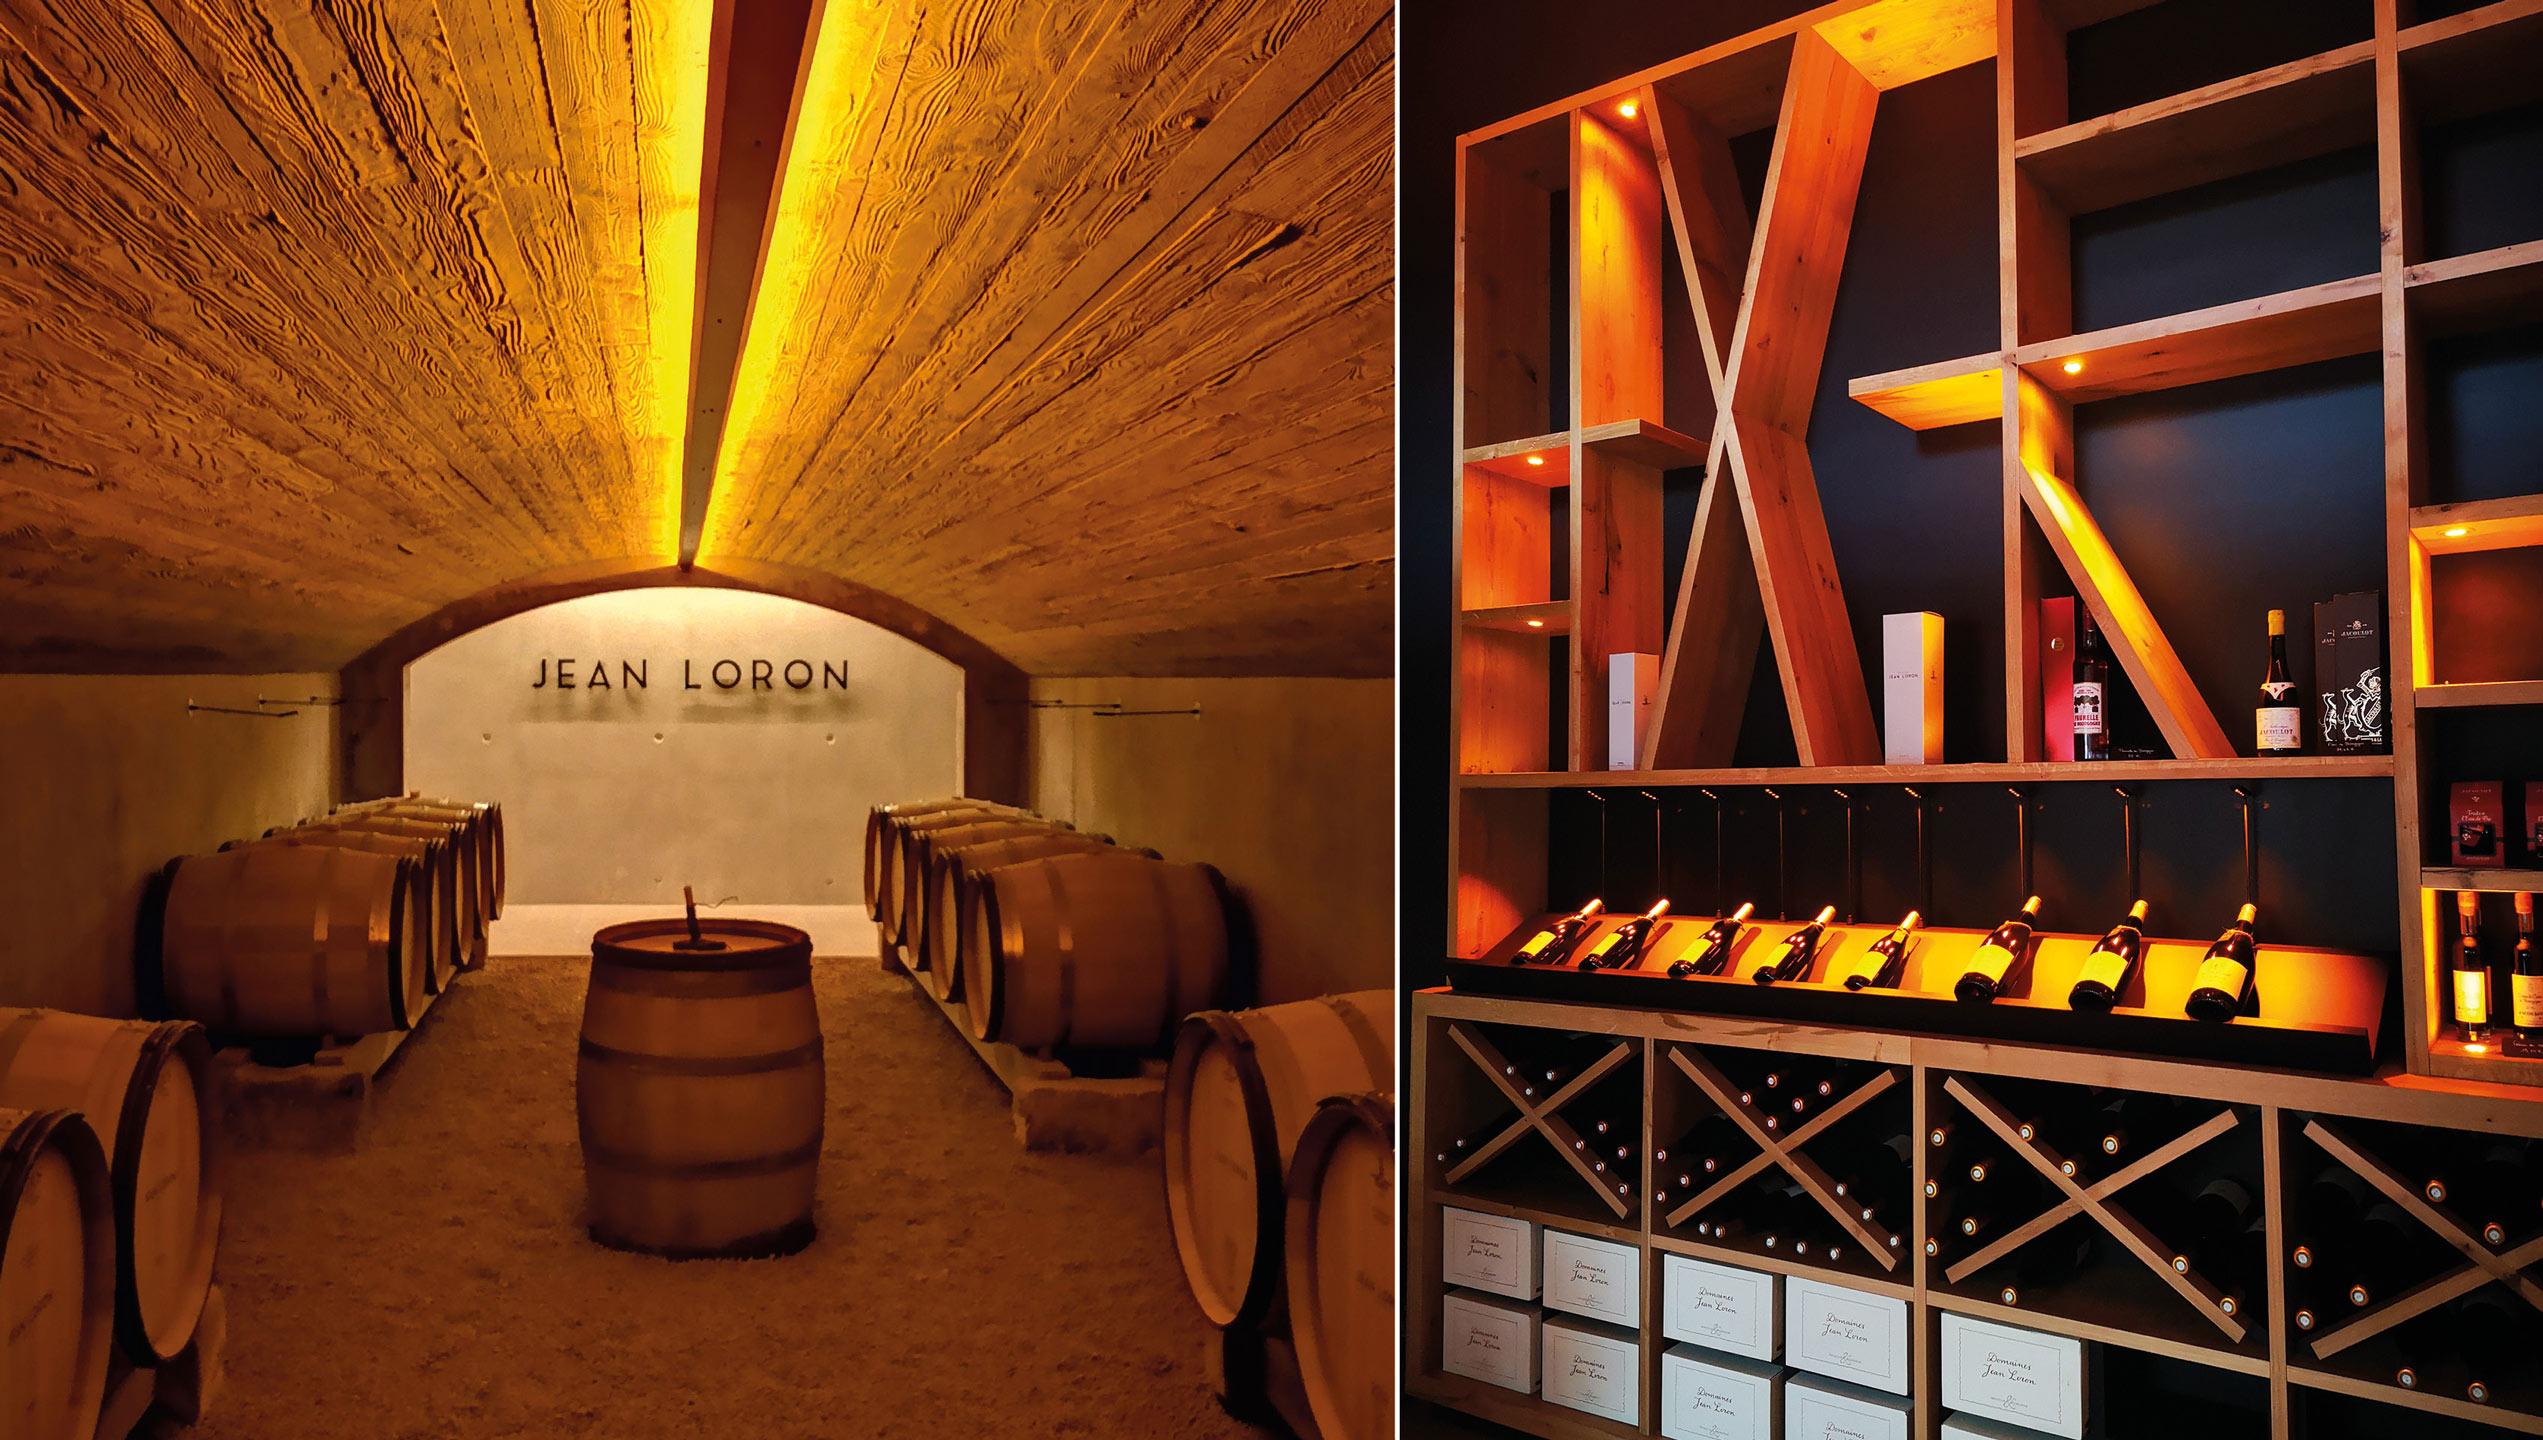 éclairage cave jean Loron